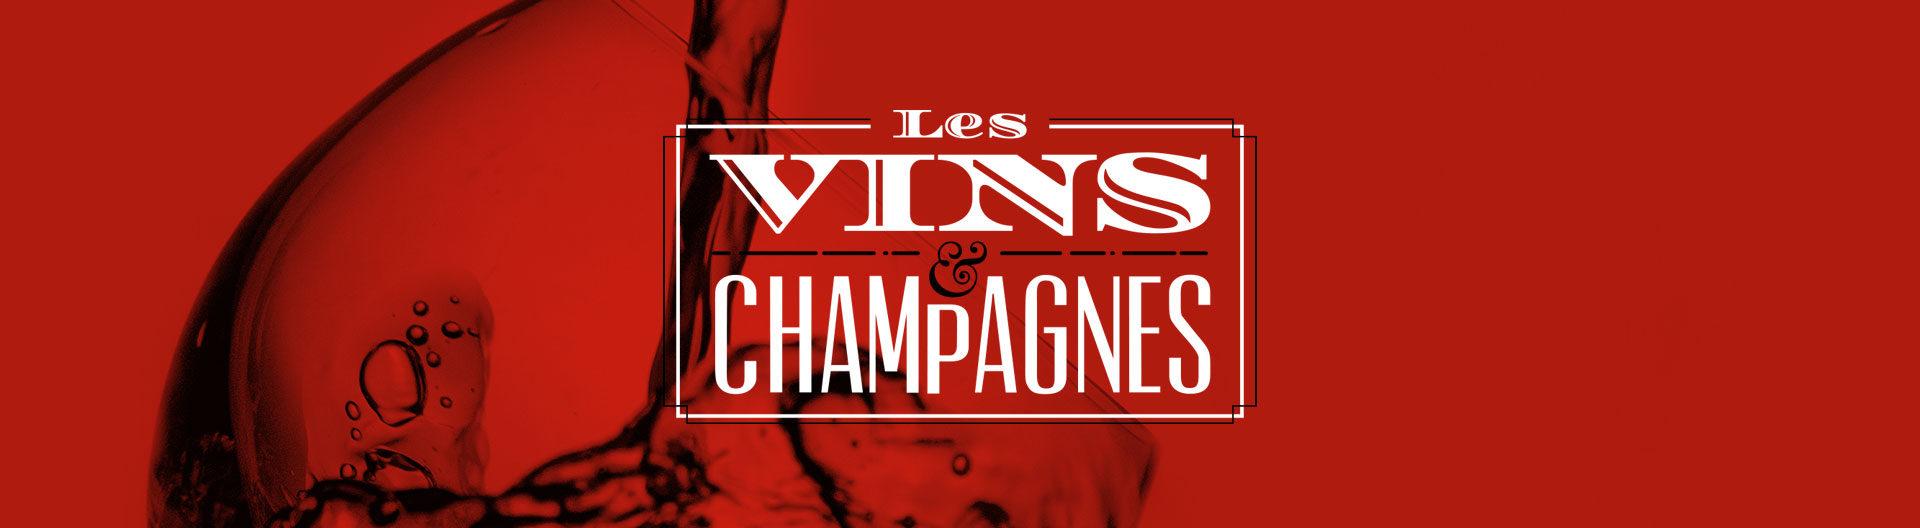 vins champagnes cave